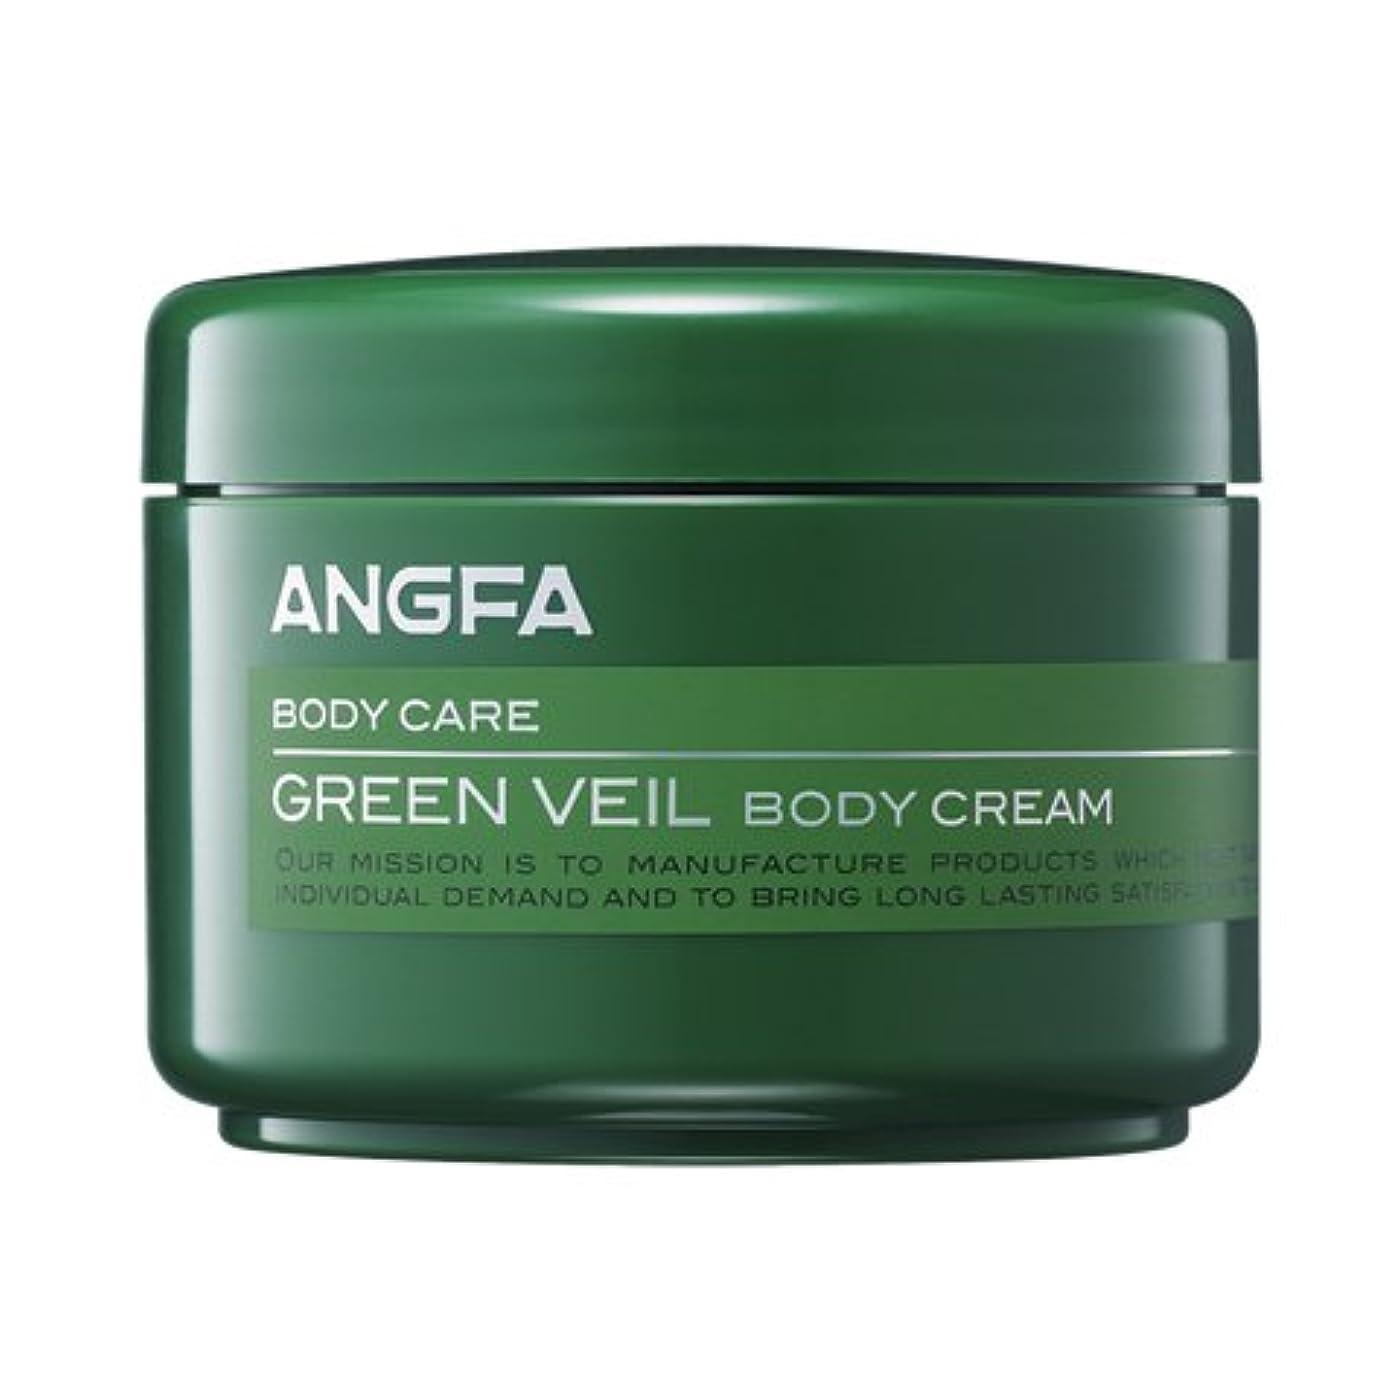 放棄する梨ジャンルアンファー (ANGFA) グリーンベール 薬用ボディクリーム 45g グリーンフローラル [乾燥?保湿] かゆみ肌